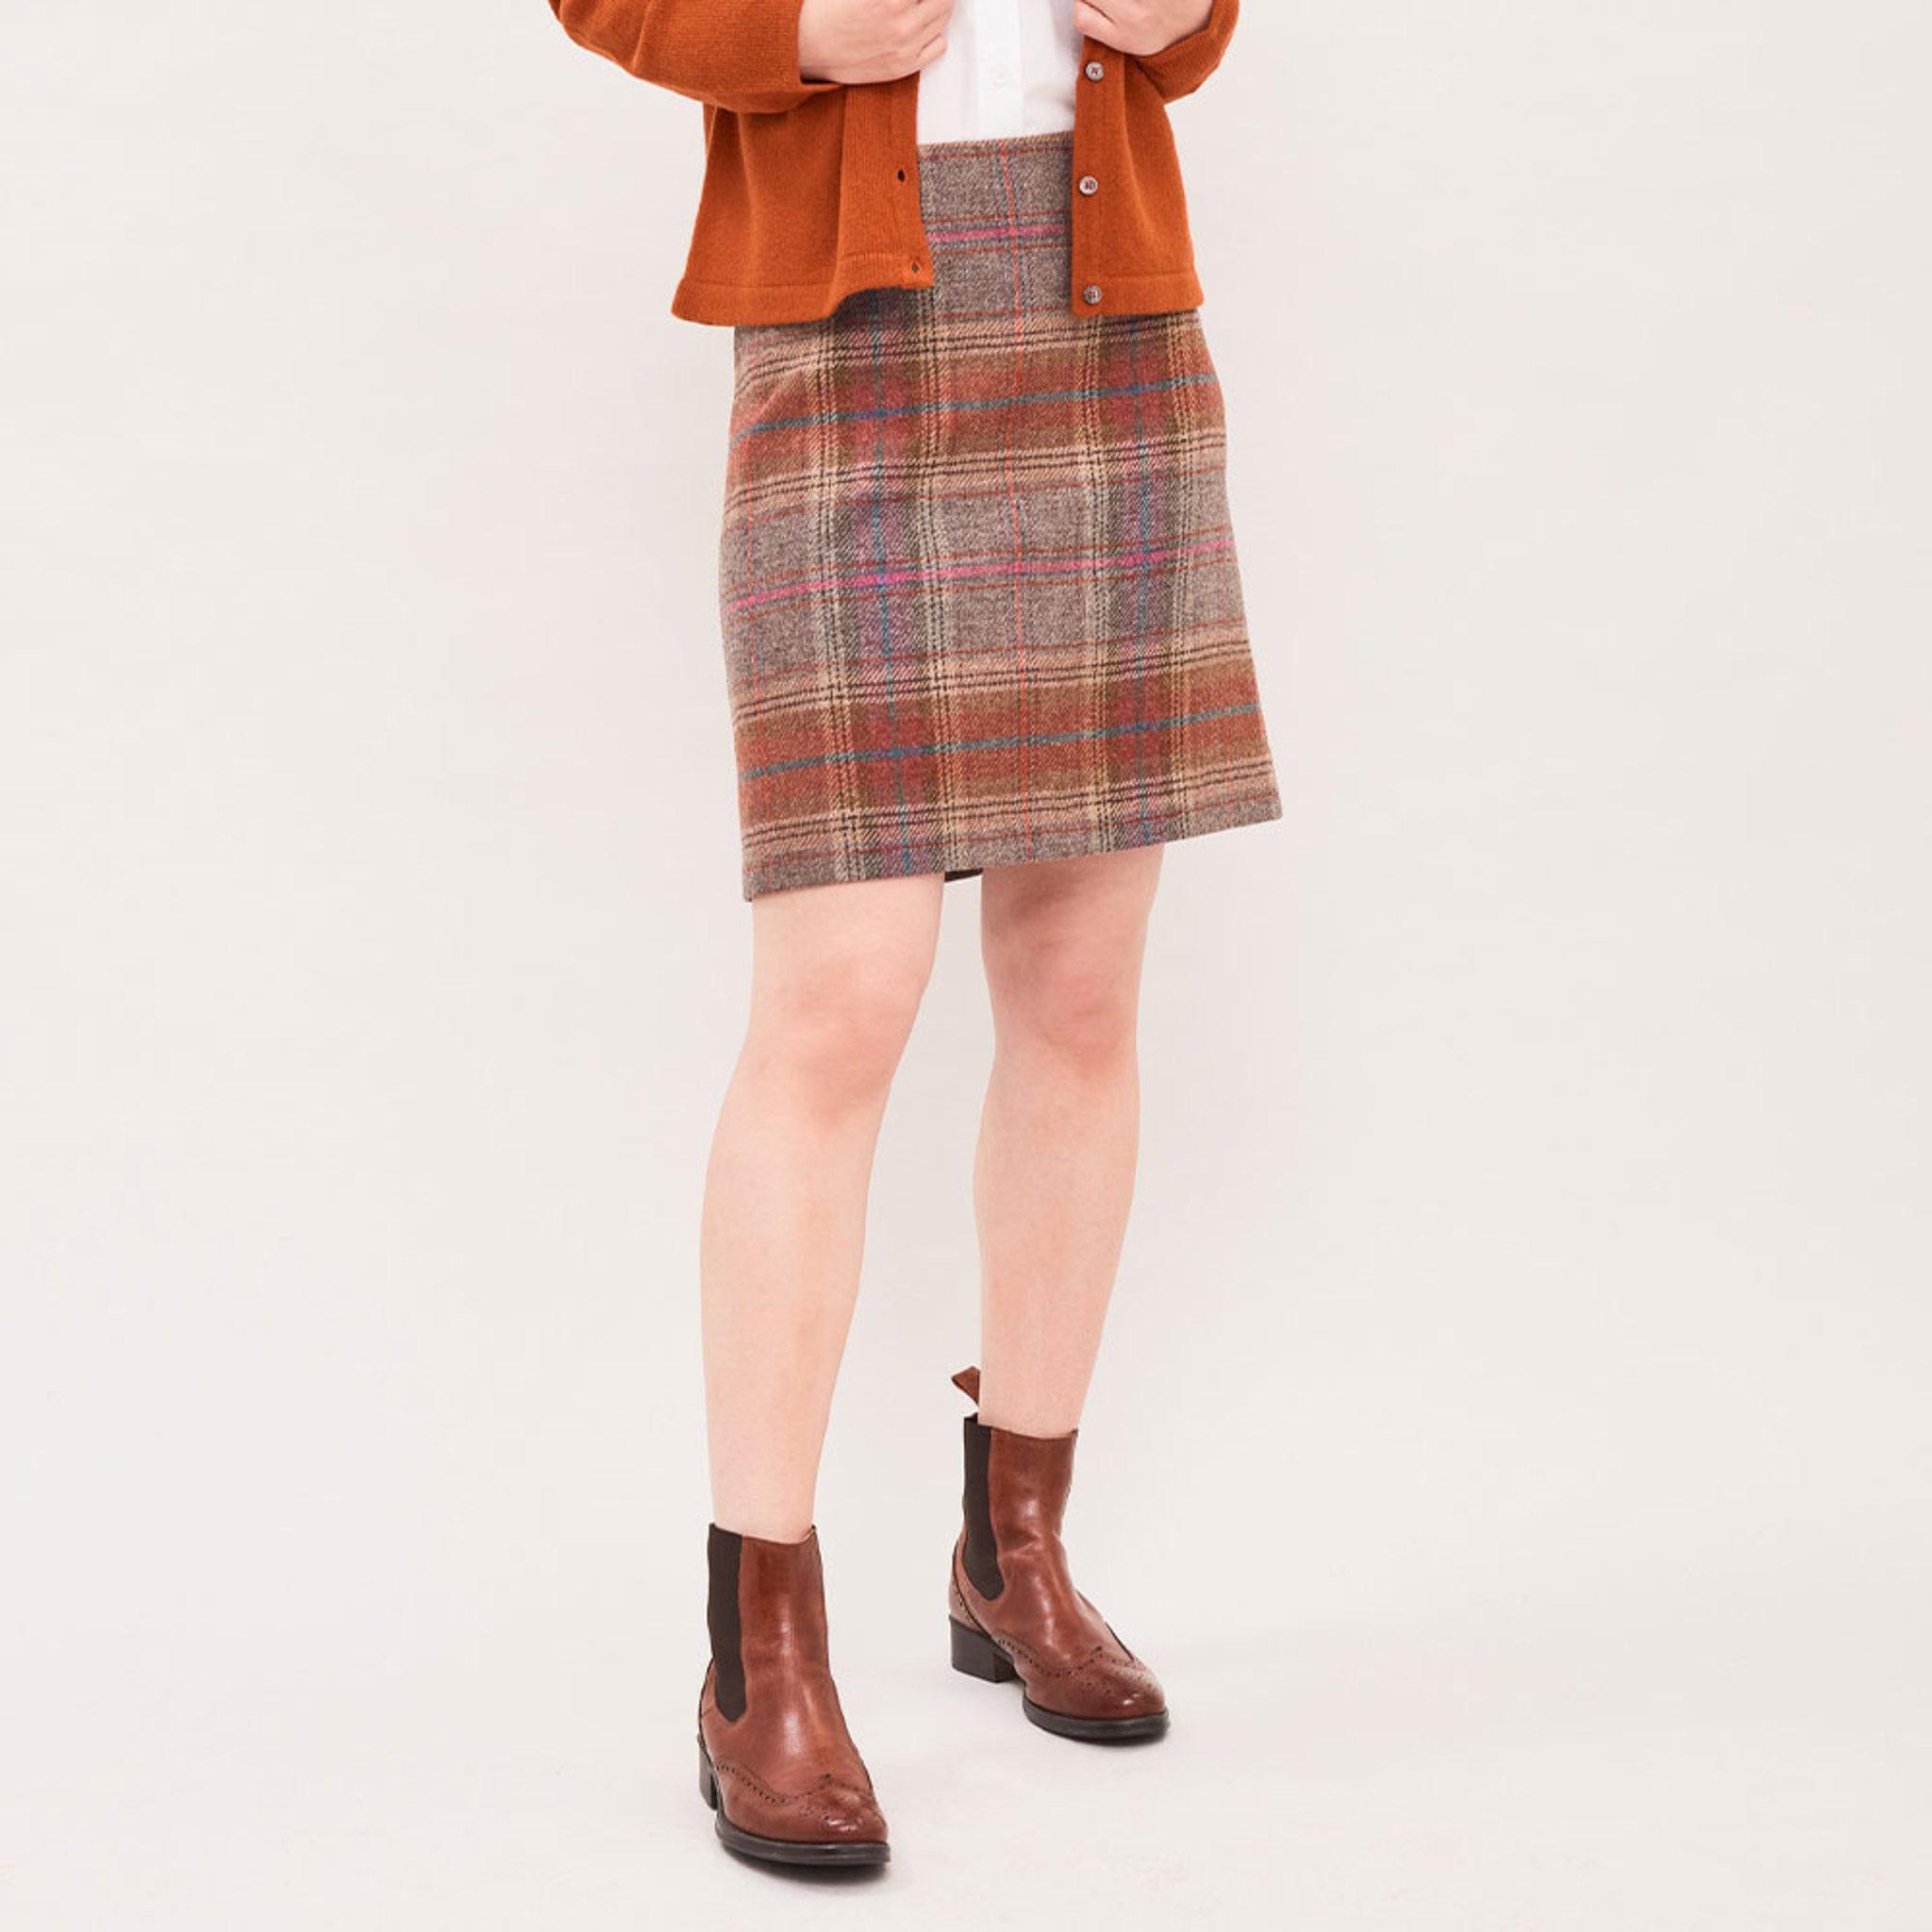 Morland Tweed Skirt